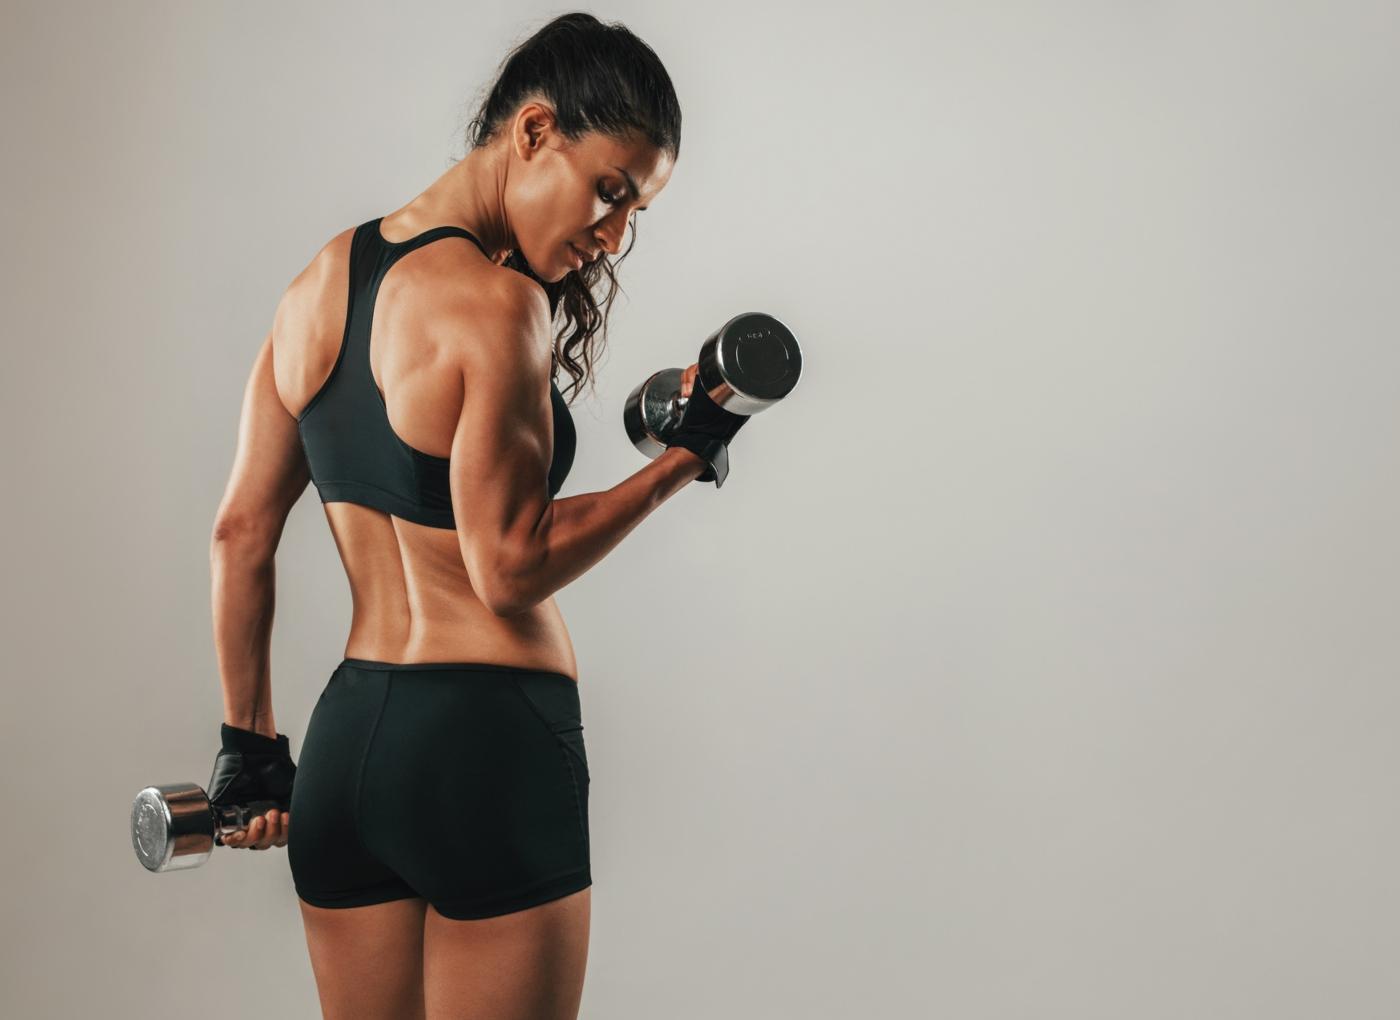 exercicios de musculacao para biceps definidos